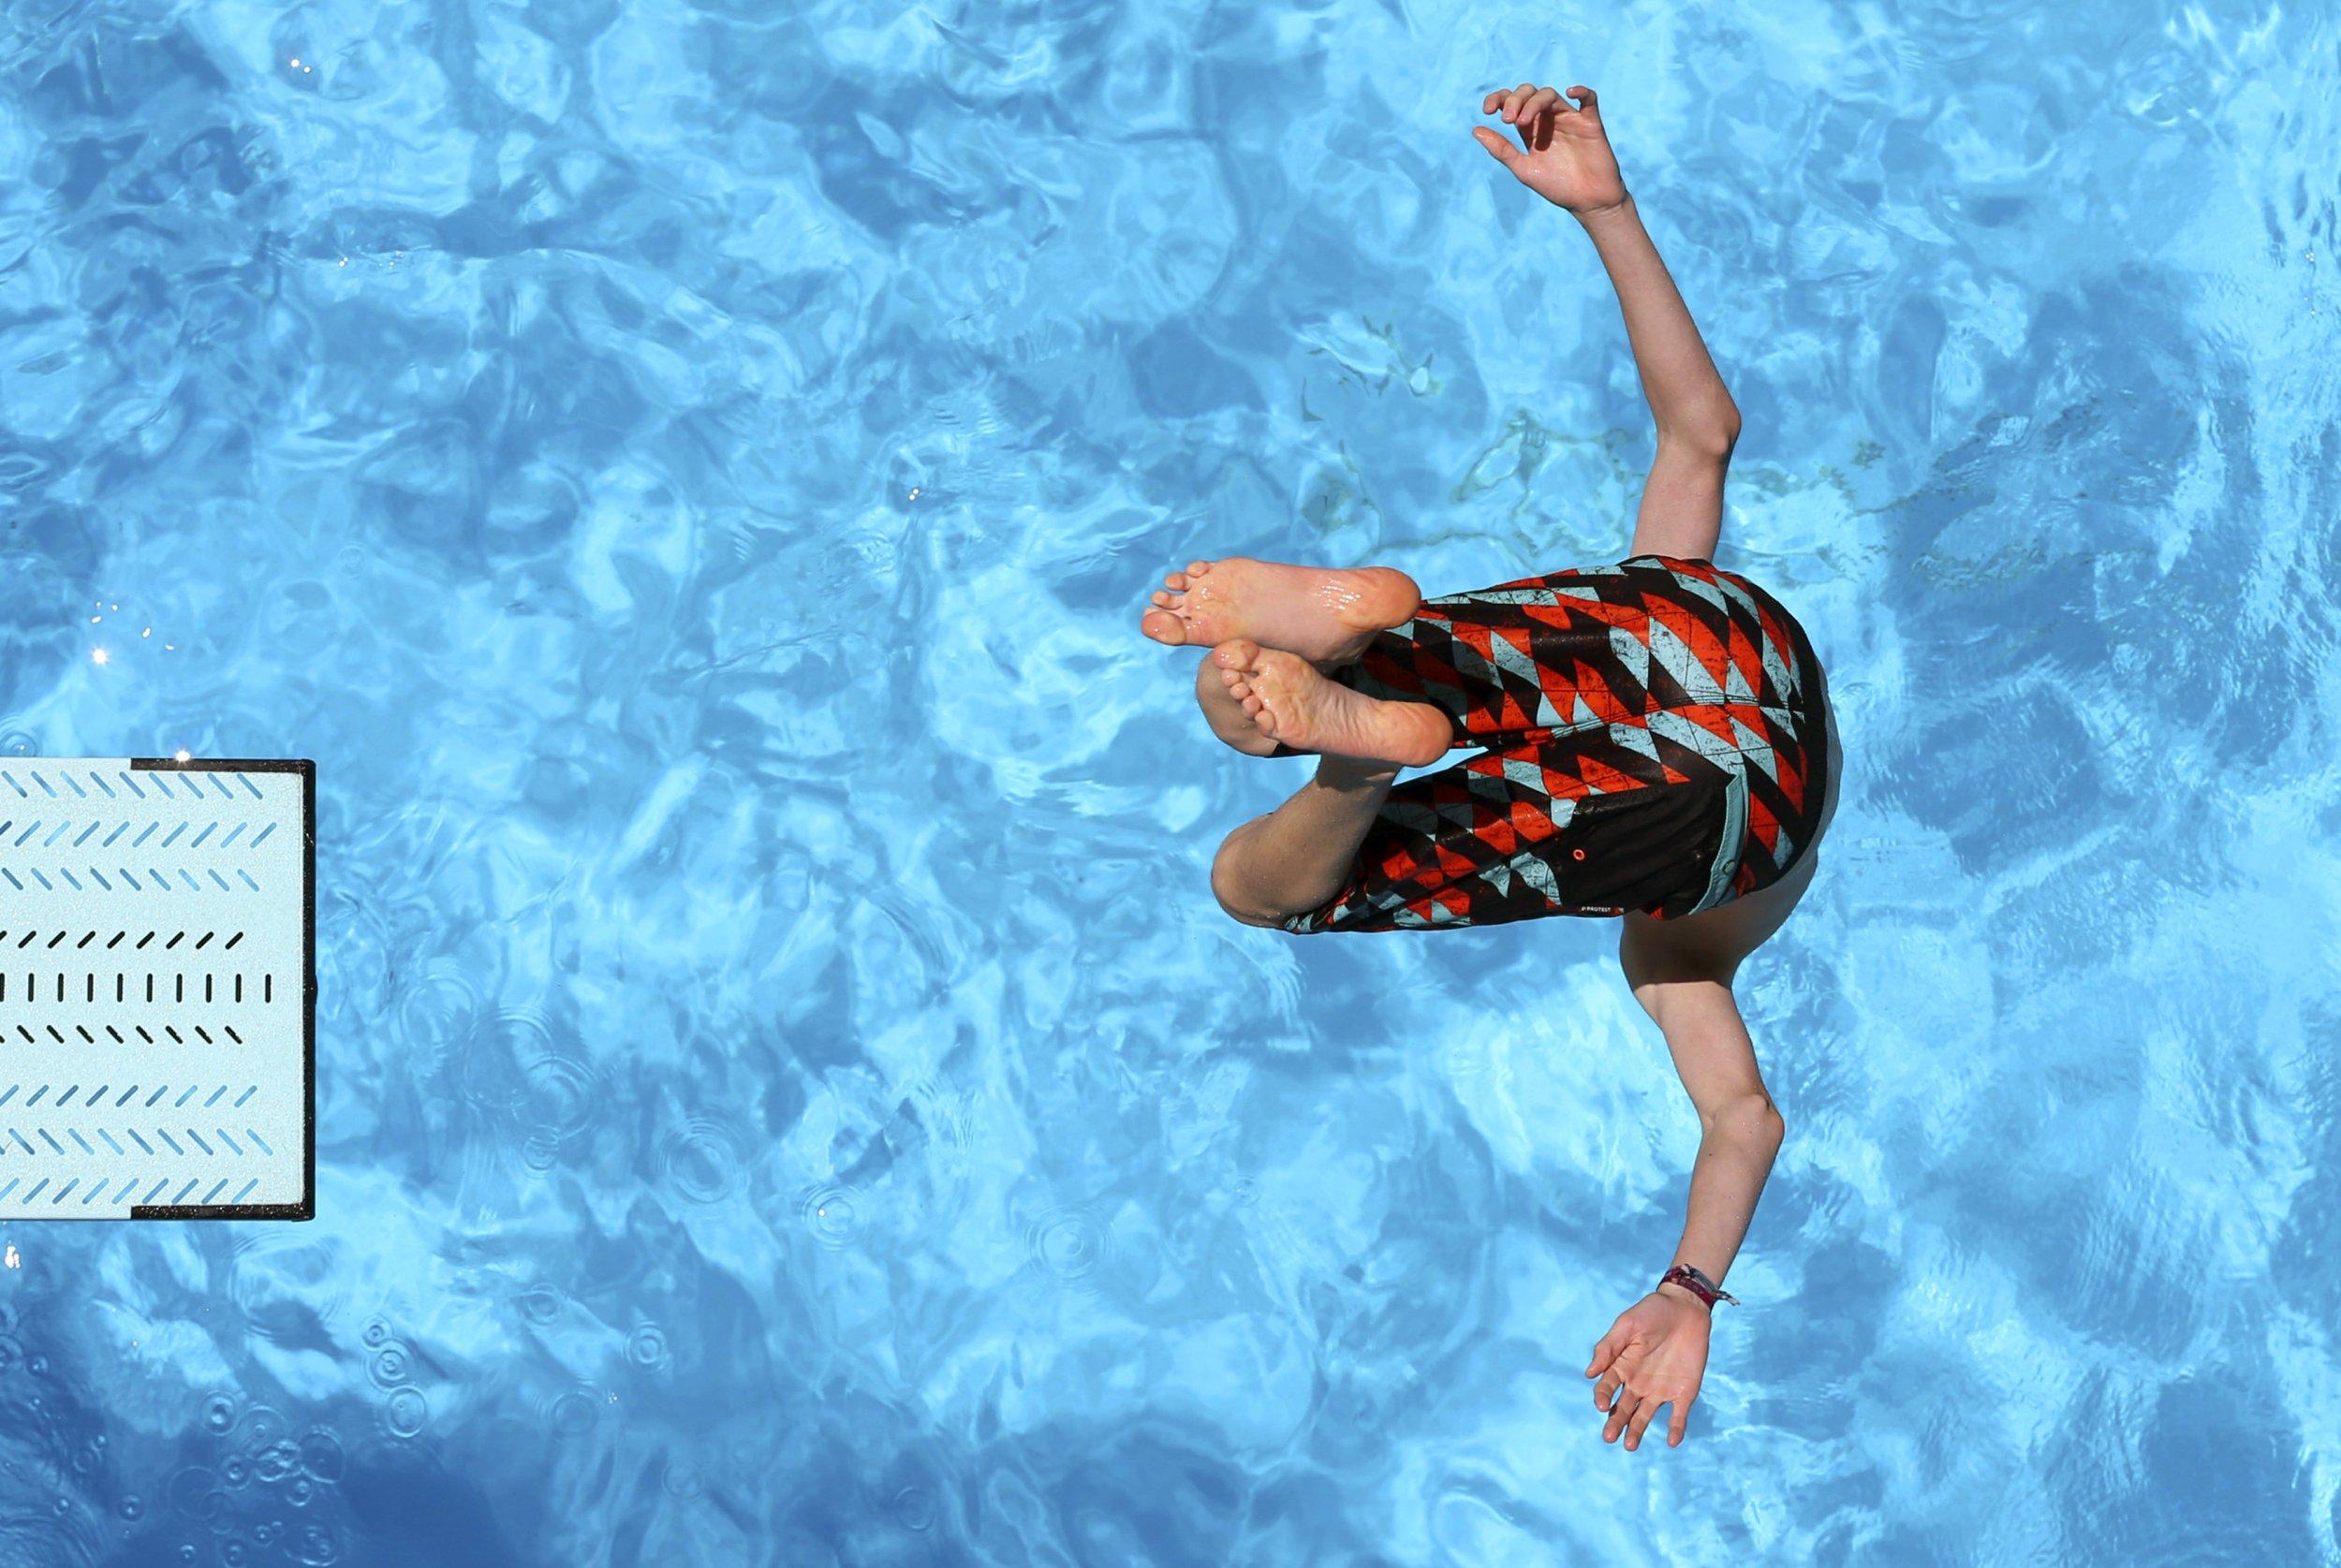 E r visits make memorial day memorable in bad way - Bad homburg swimming pool ...